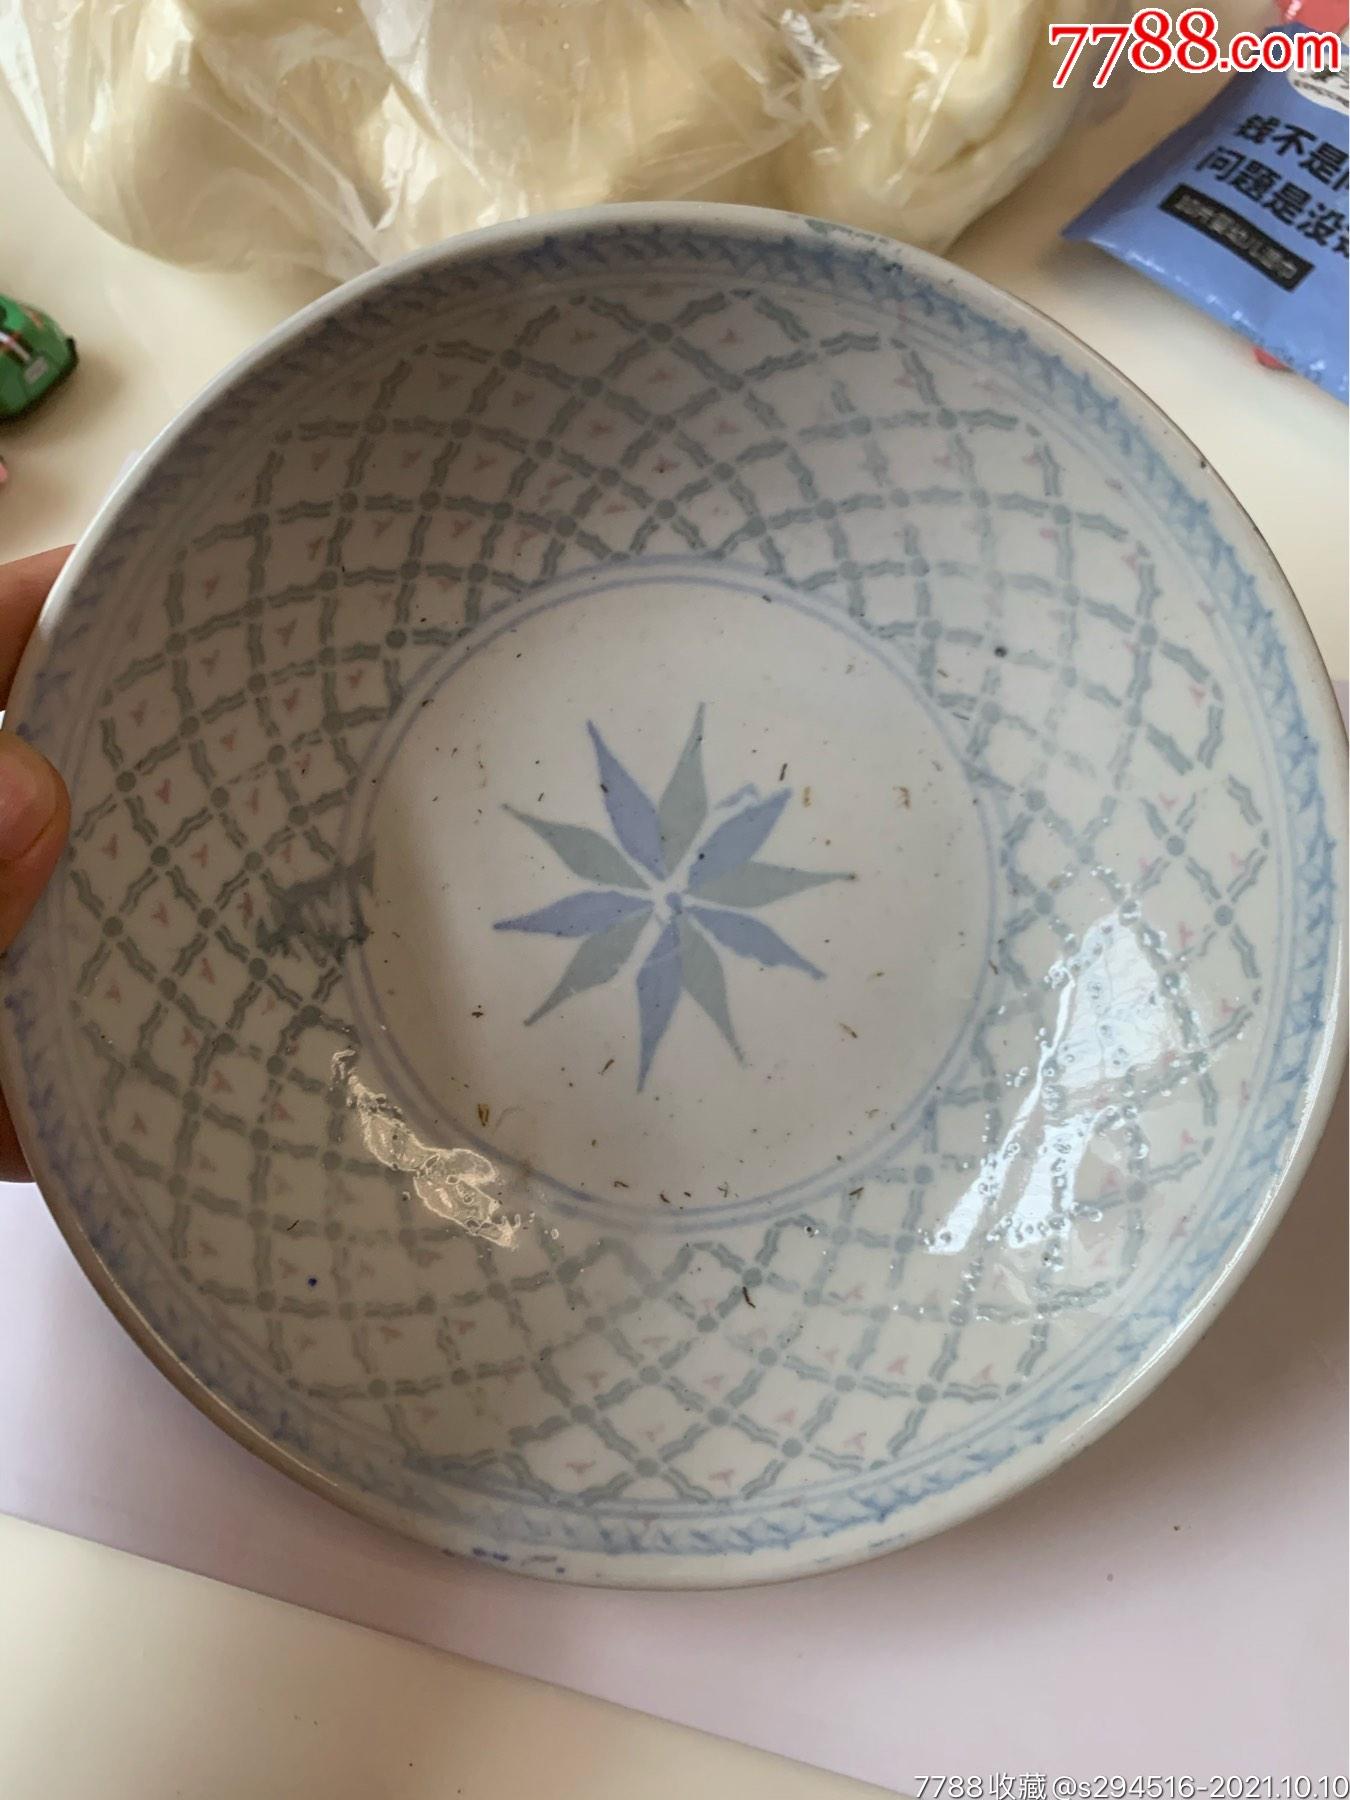 民国时期直径20厘米大号菠萝盘一个,无磕无破完完整整放漏惠让_价格78元_第3张_